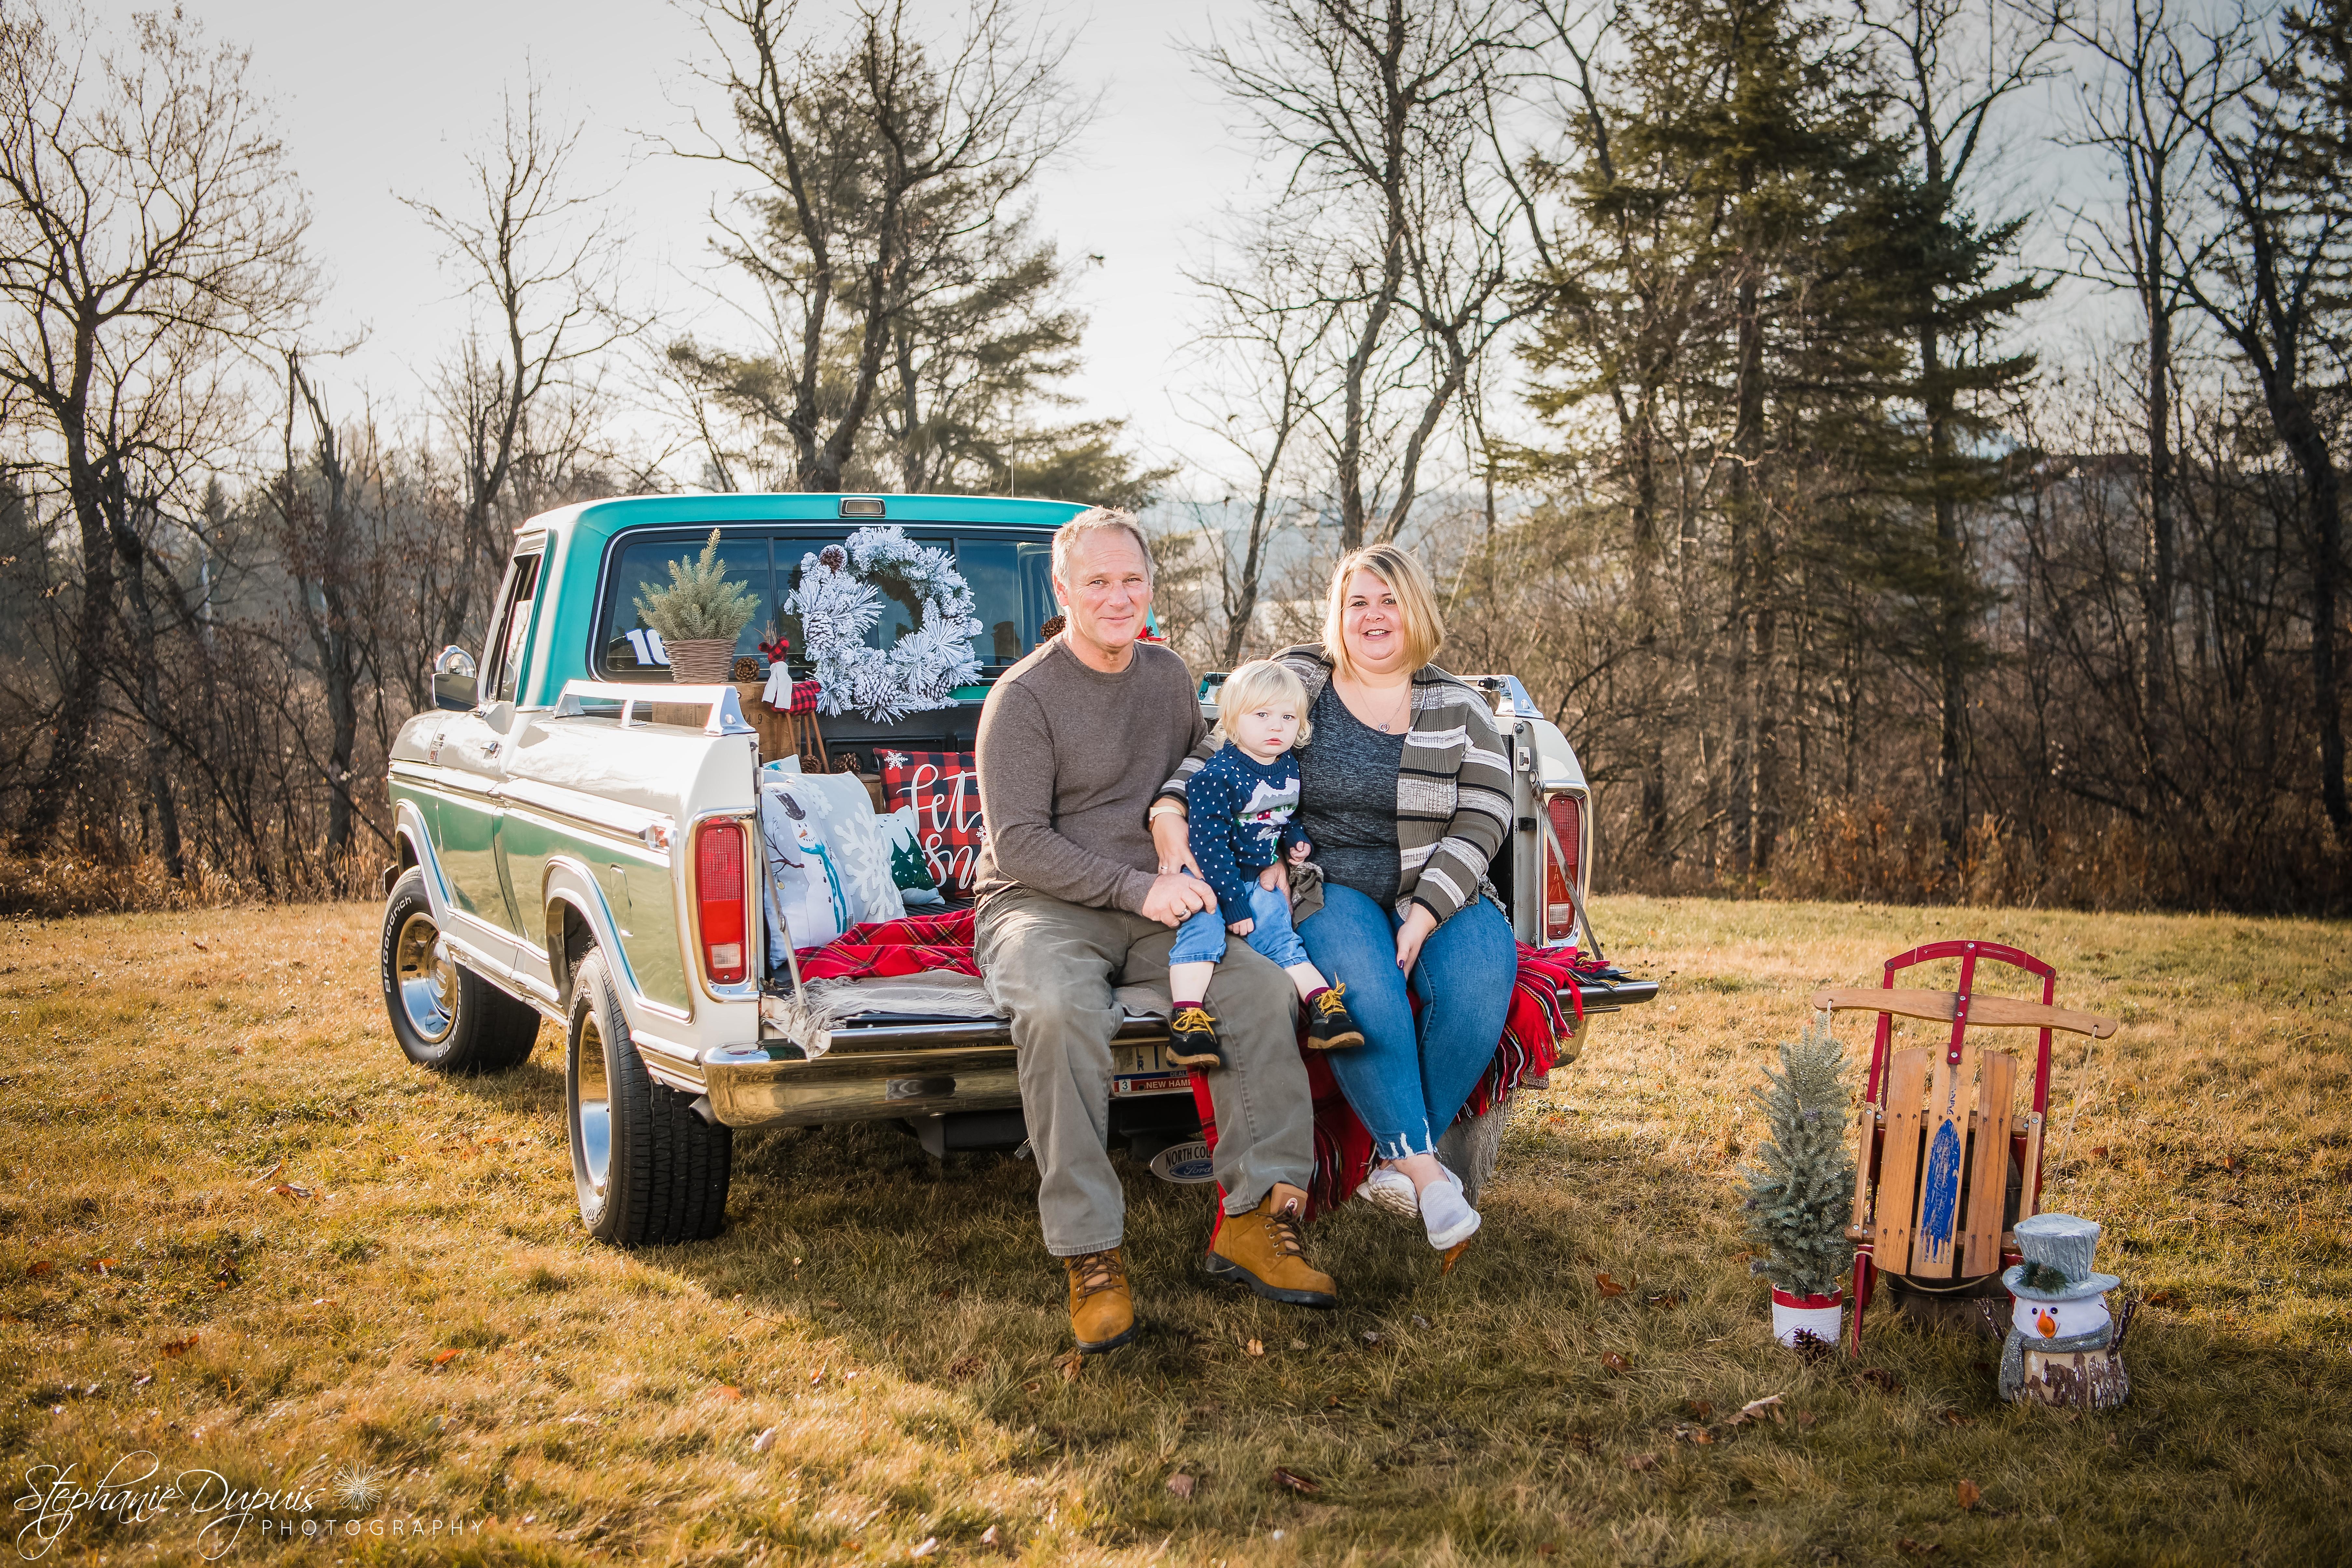 85S1674 Edit - Portfolio: Winter Truck Minis Session